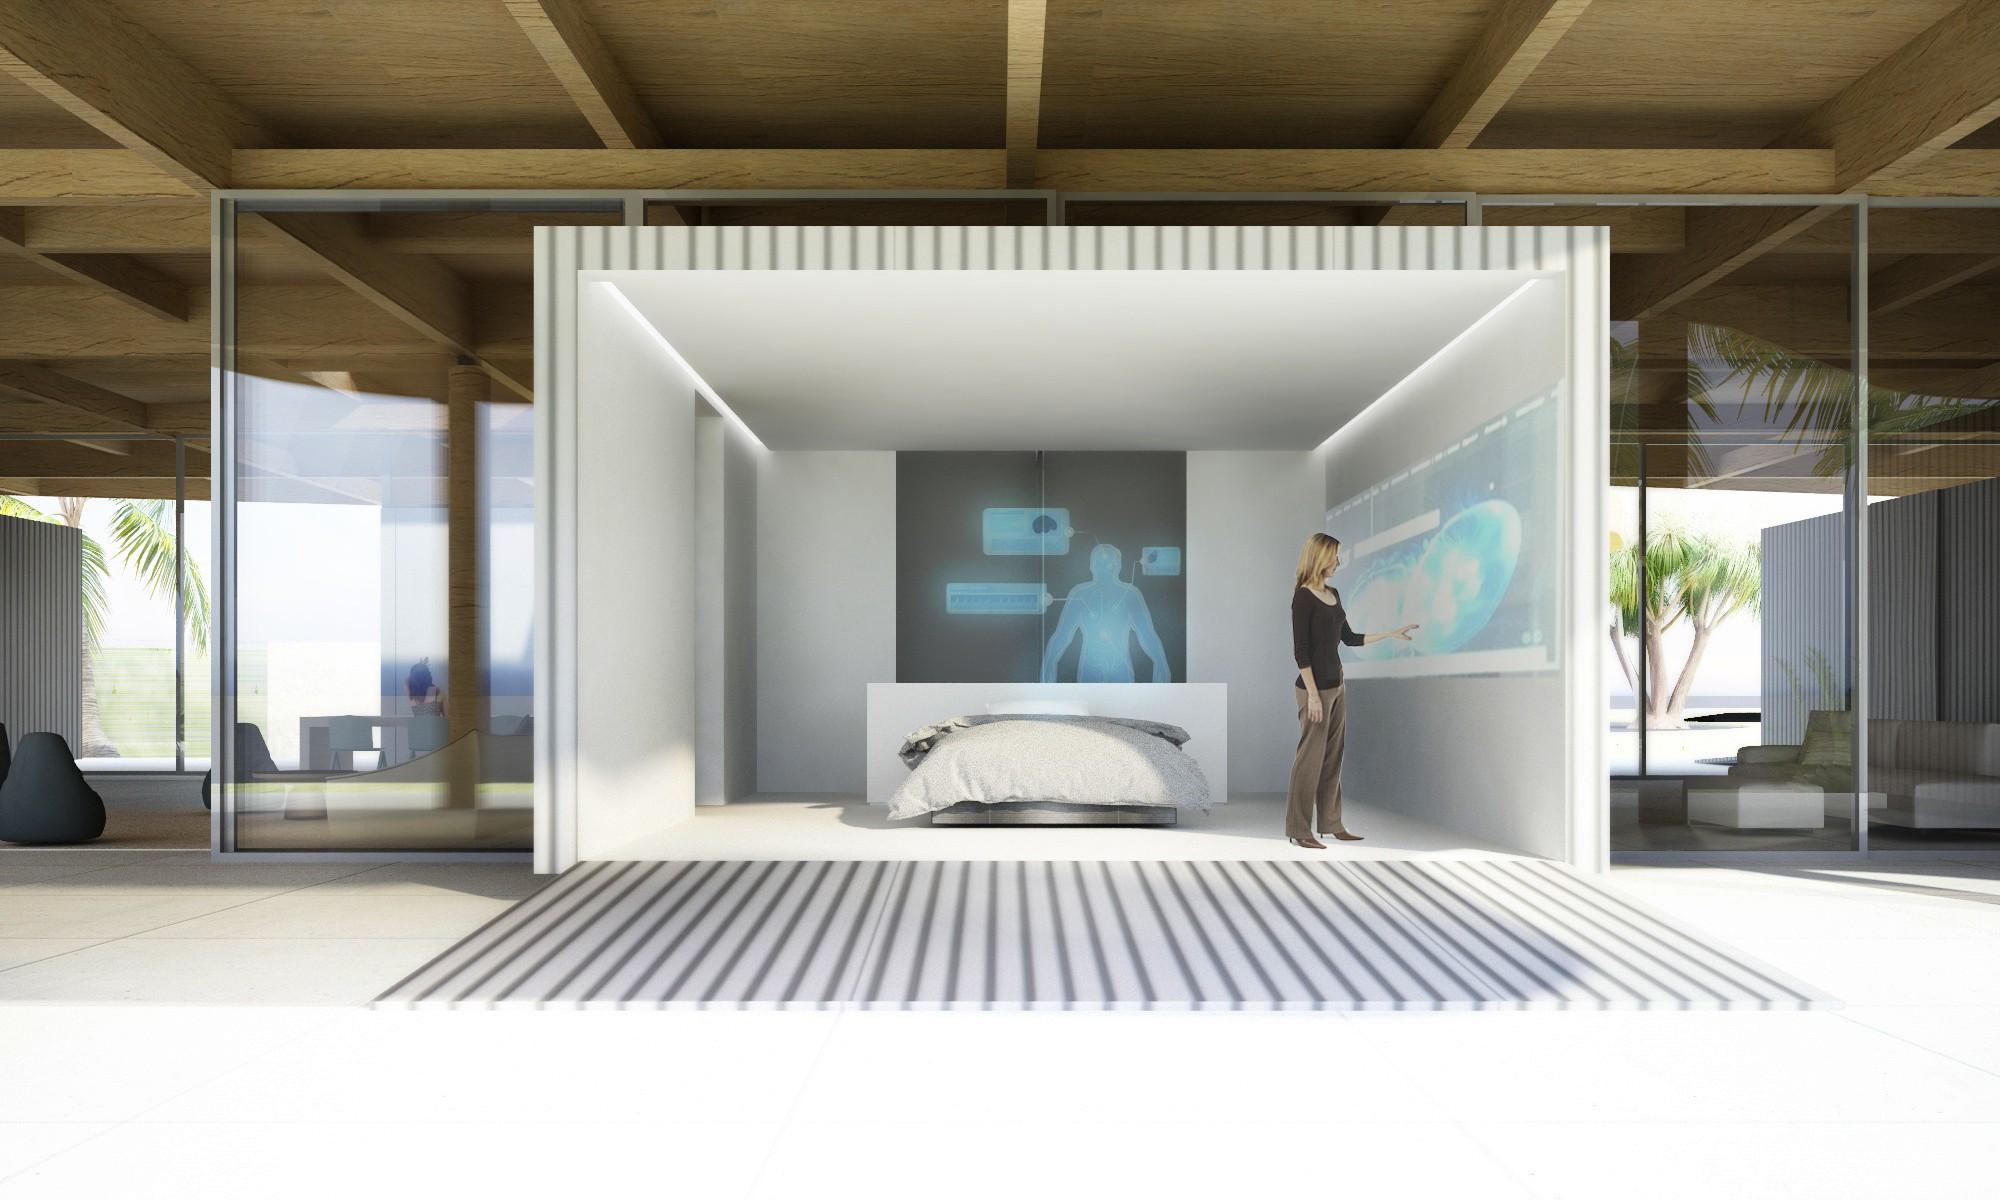 Projeto Casa do Futuro (Foto: Divulgação)